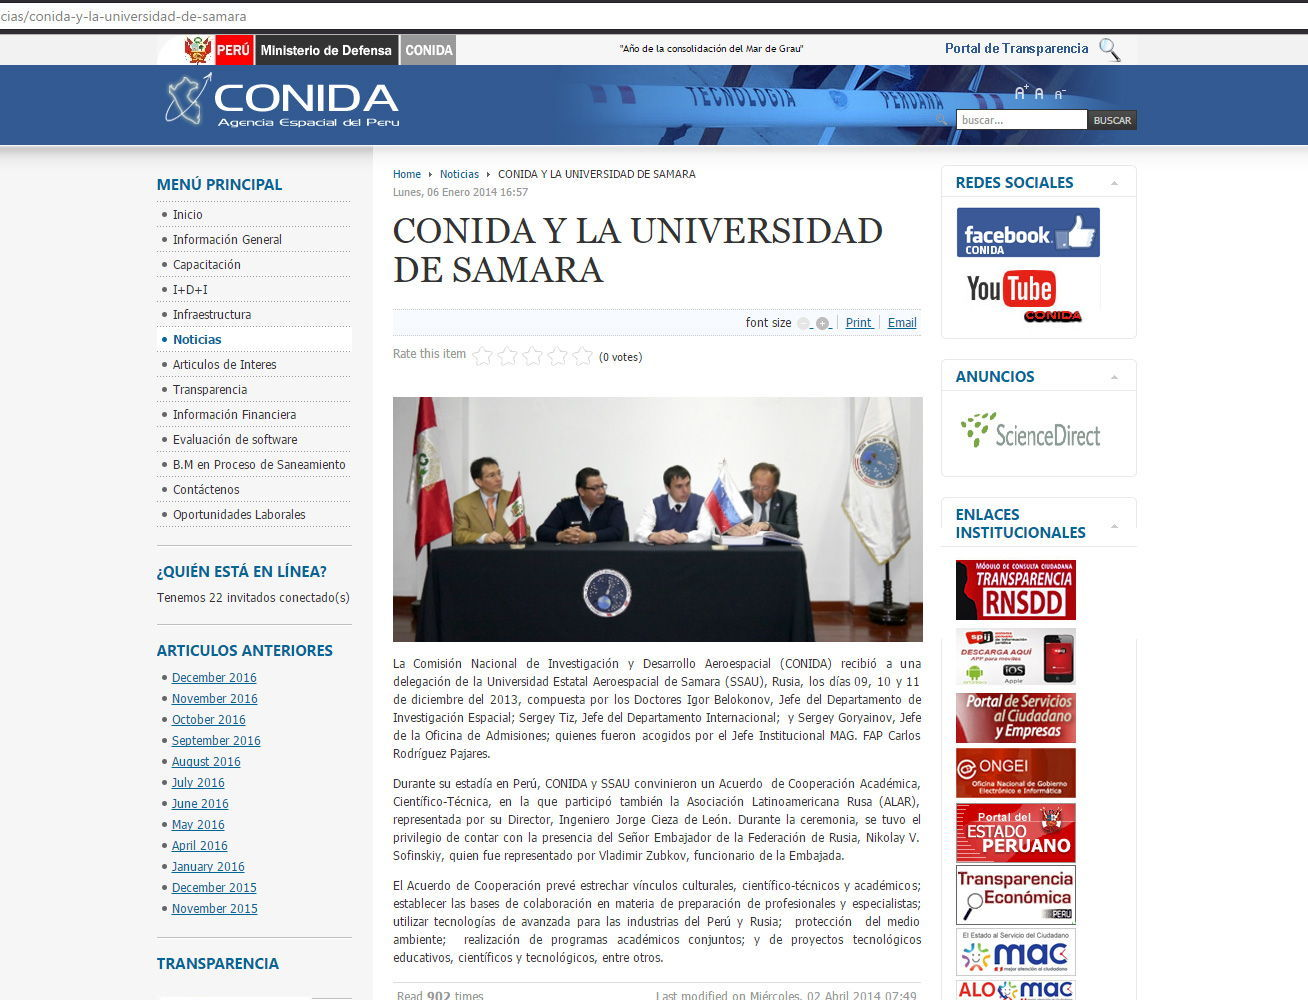 Acuerdo de Cooperación Académica con la Comisión Nacional de Investigación y Desarrollo Aeroespacial (CONIDA)